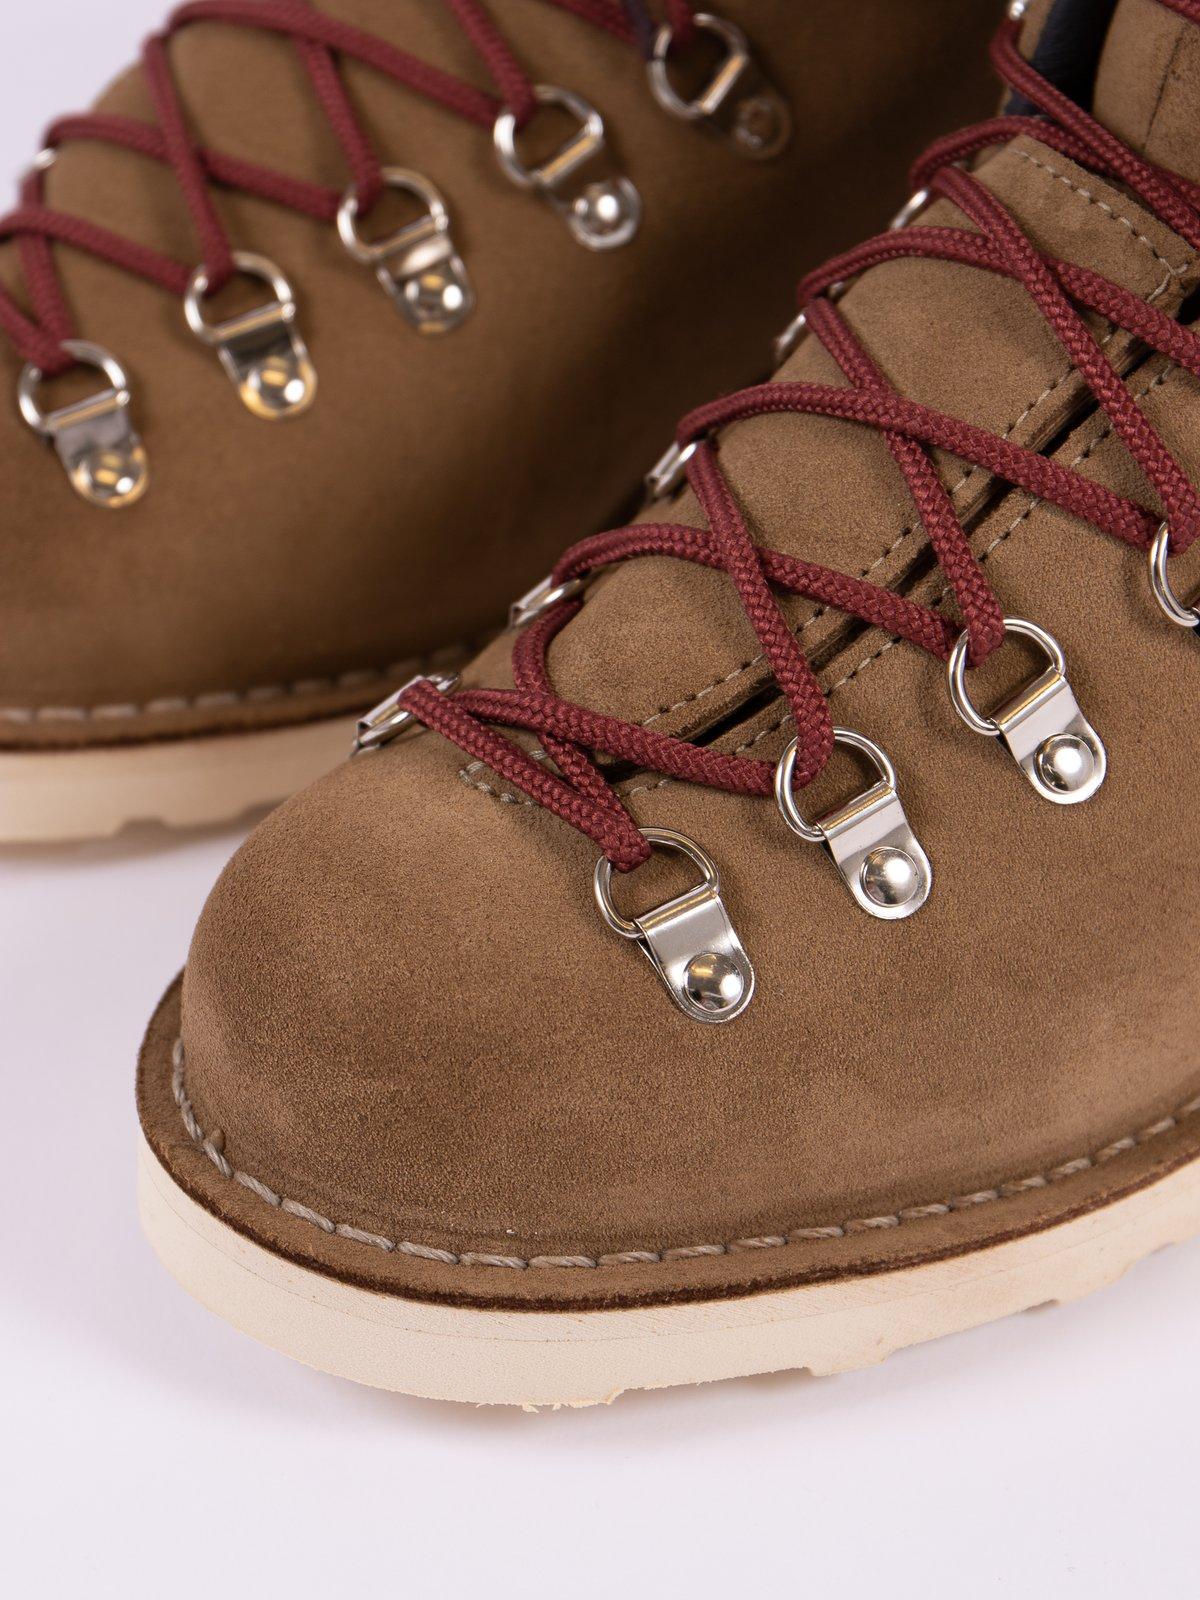 Tan Mountain Light Overton Boot - Image 3